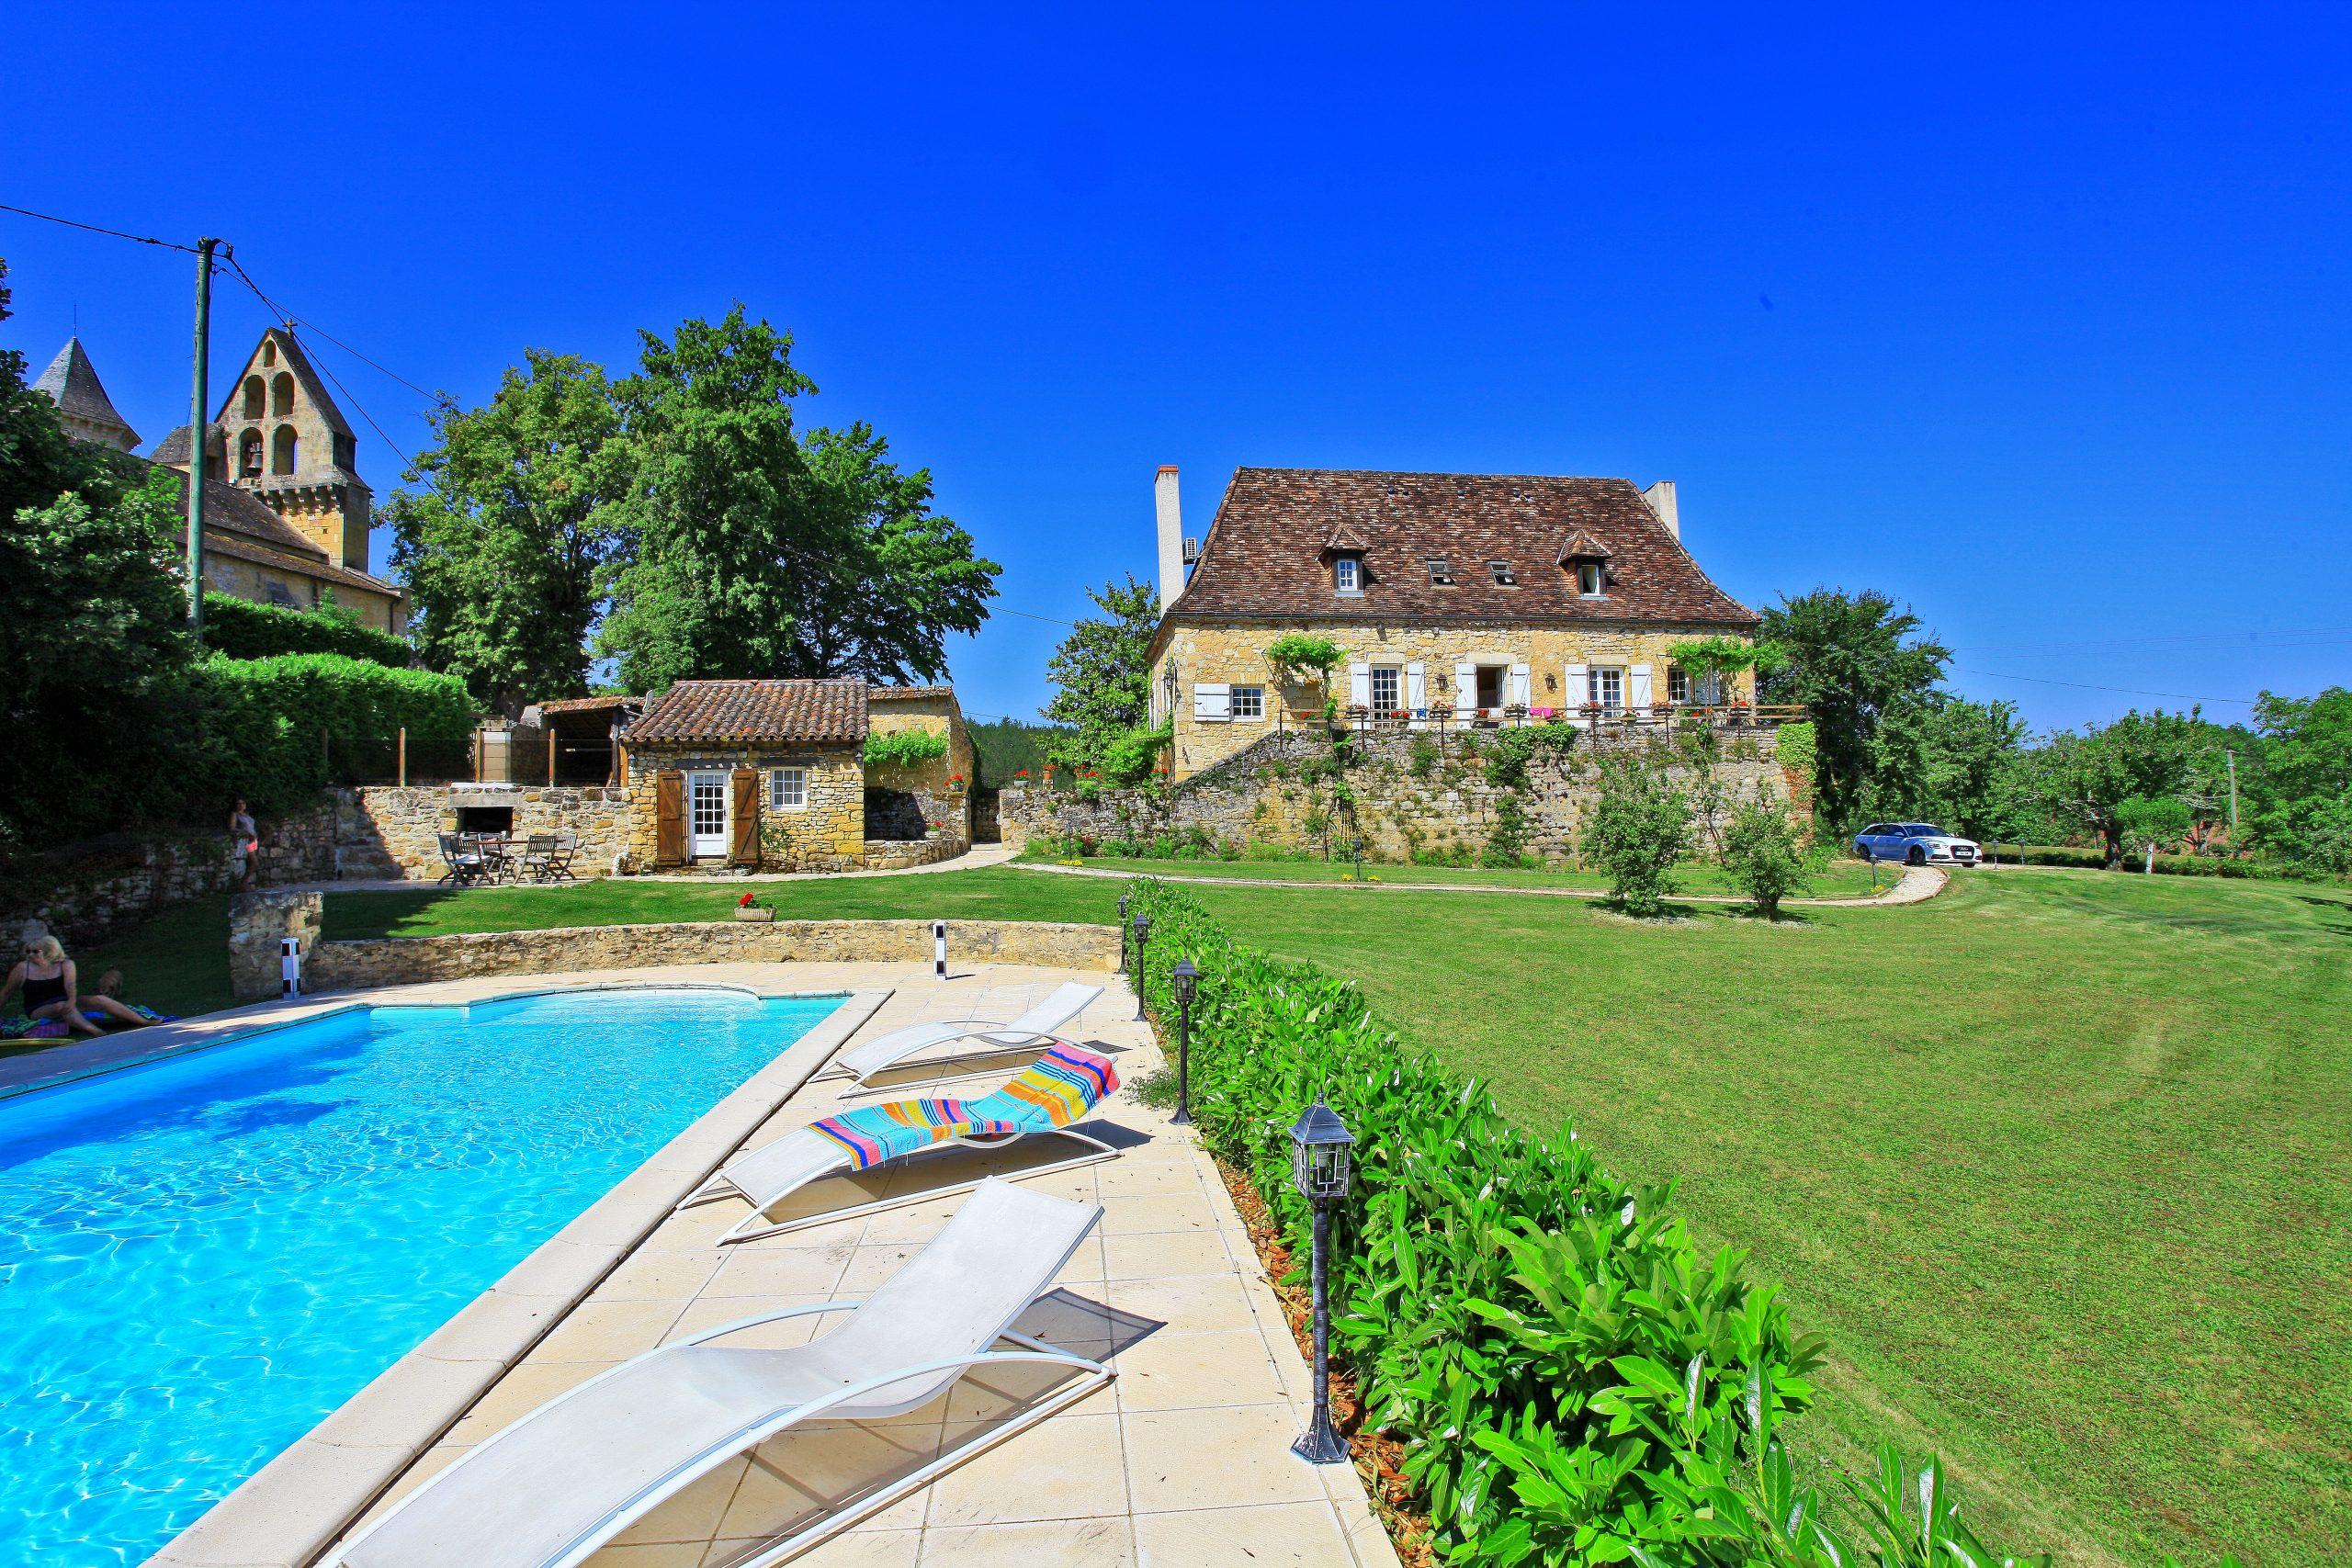 Dordogne Location Maison Caractere Piscine Chauffée, Classée 5* Près De  Sarlat En Perigord dedans Location Dordogne Piscine